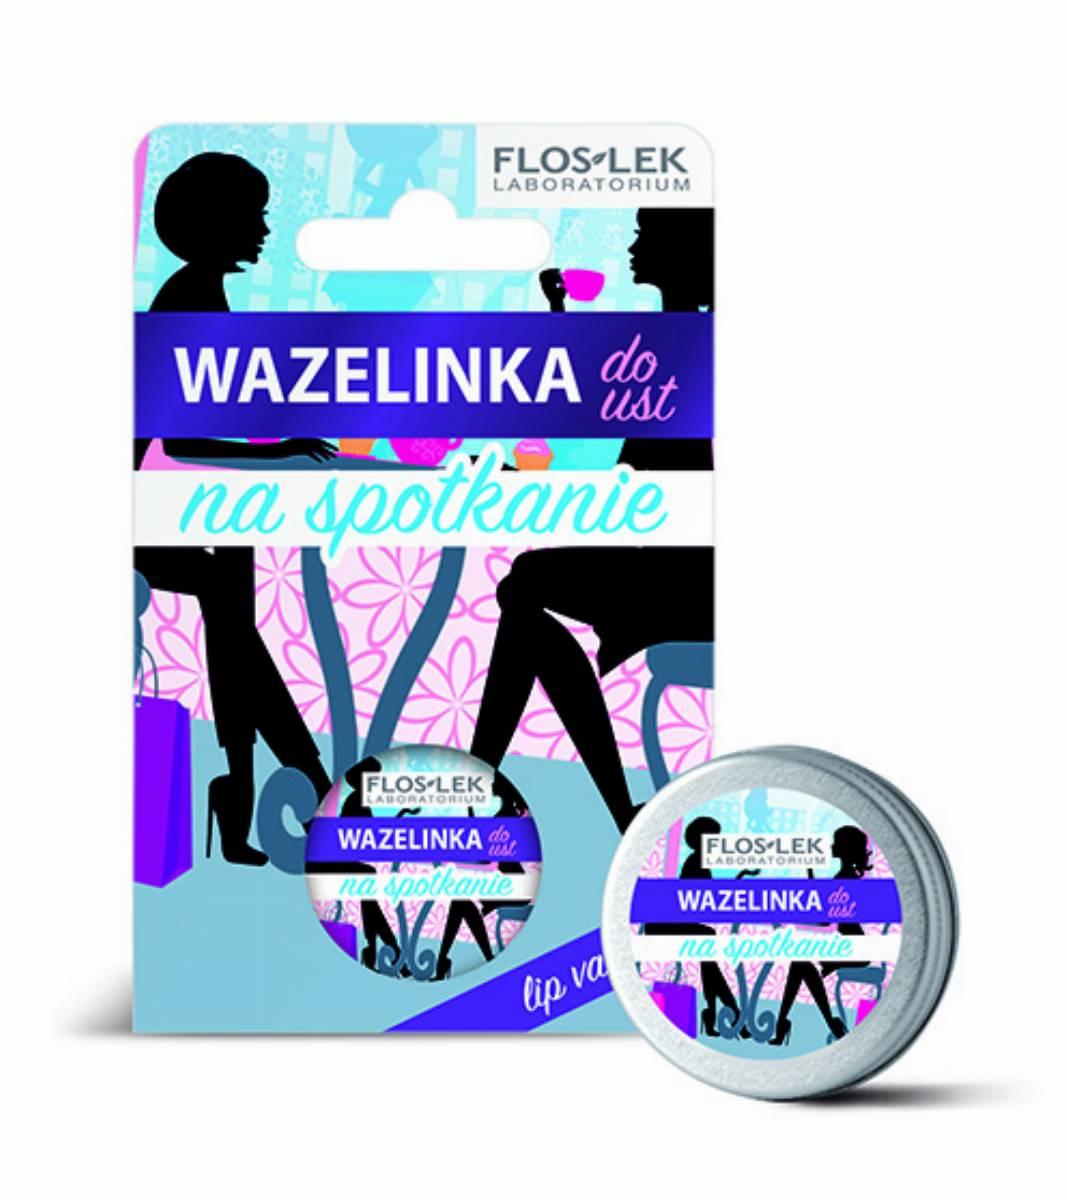 wazeliny_spotkanie-small